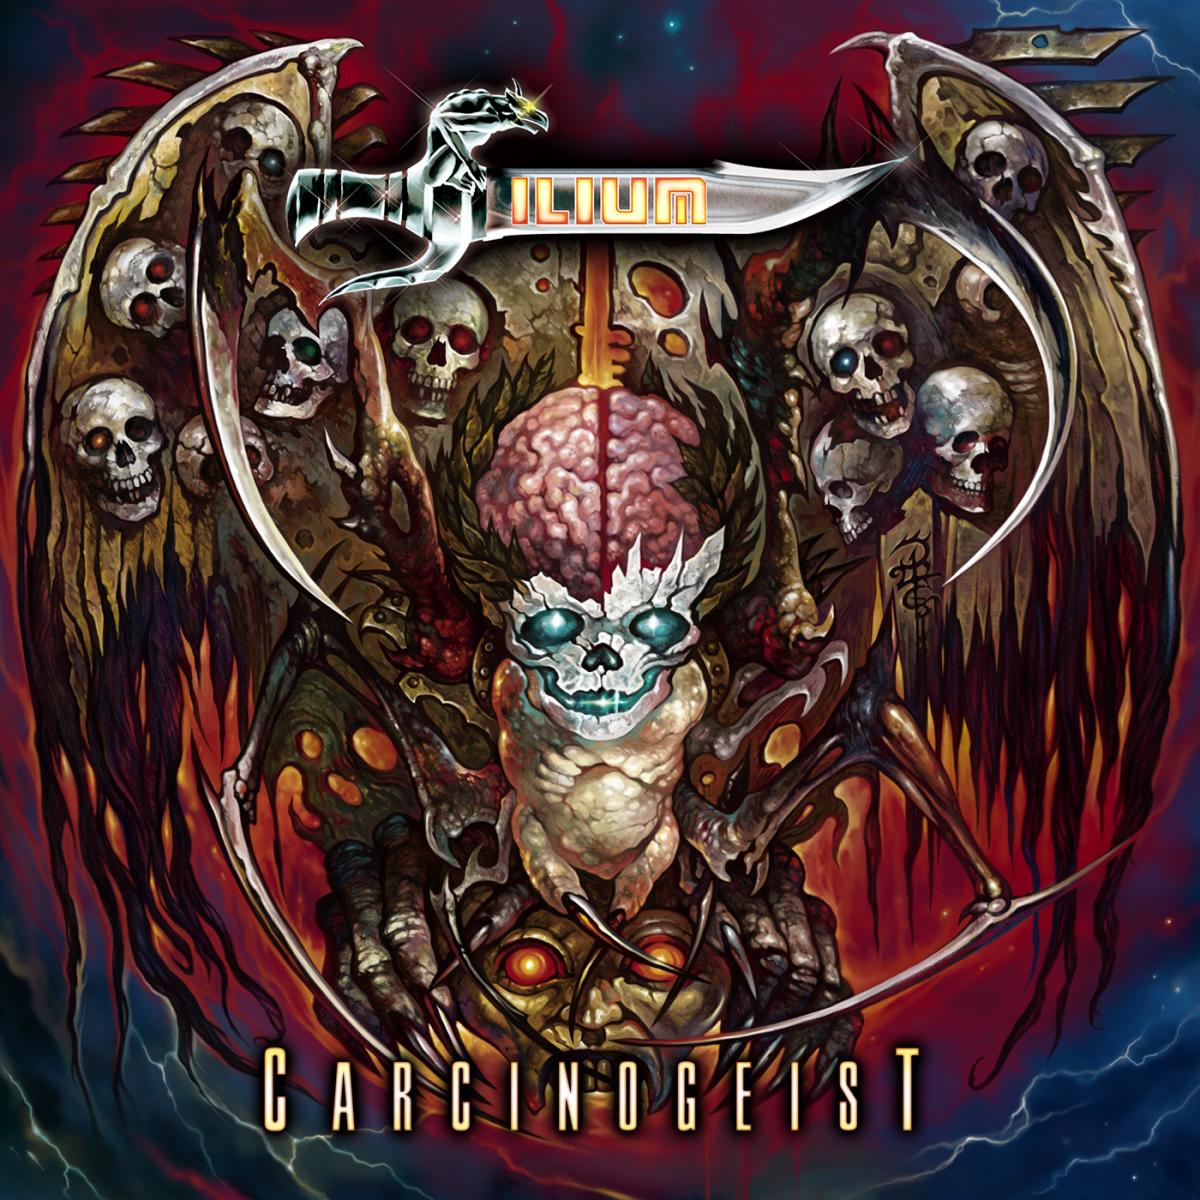 """""""Carcinogeist"""" album cover"""